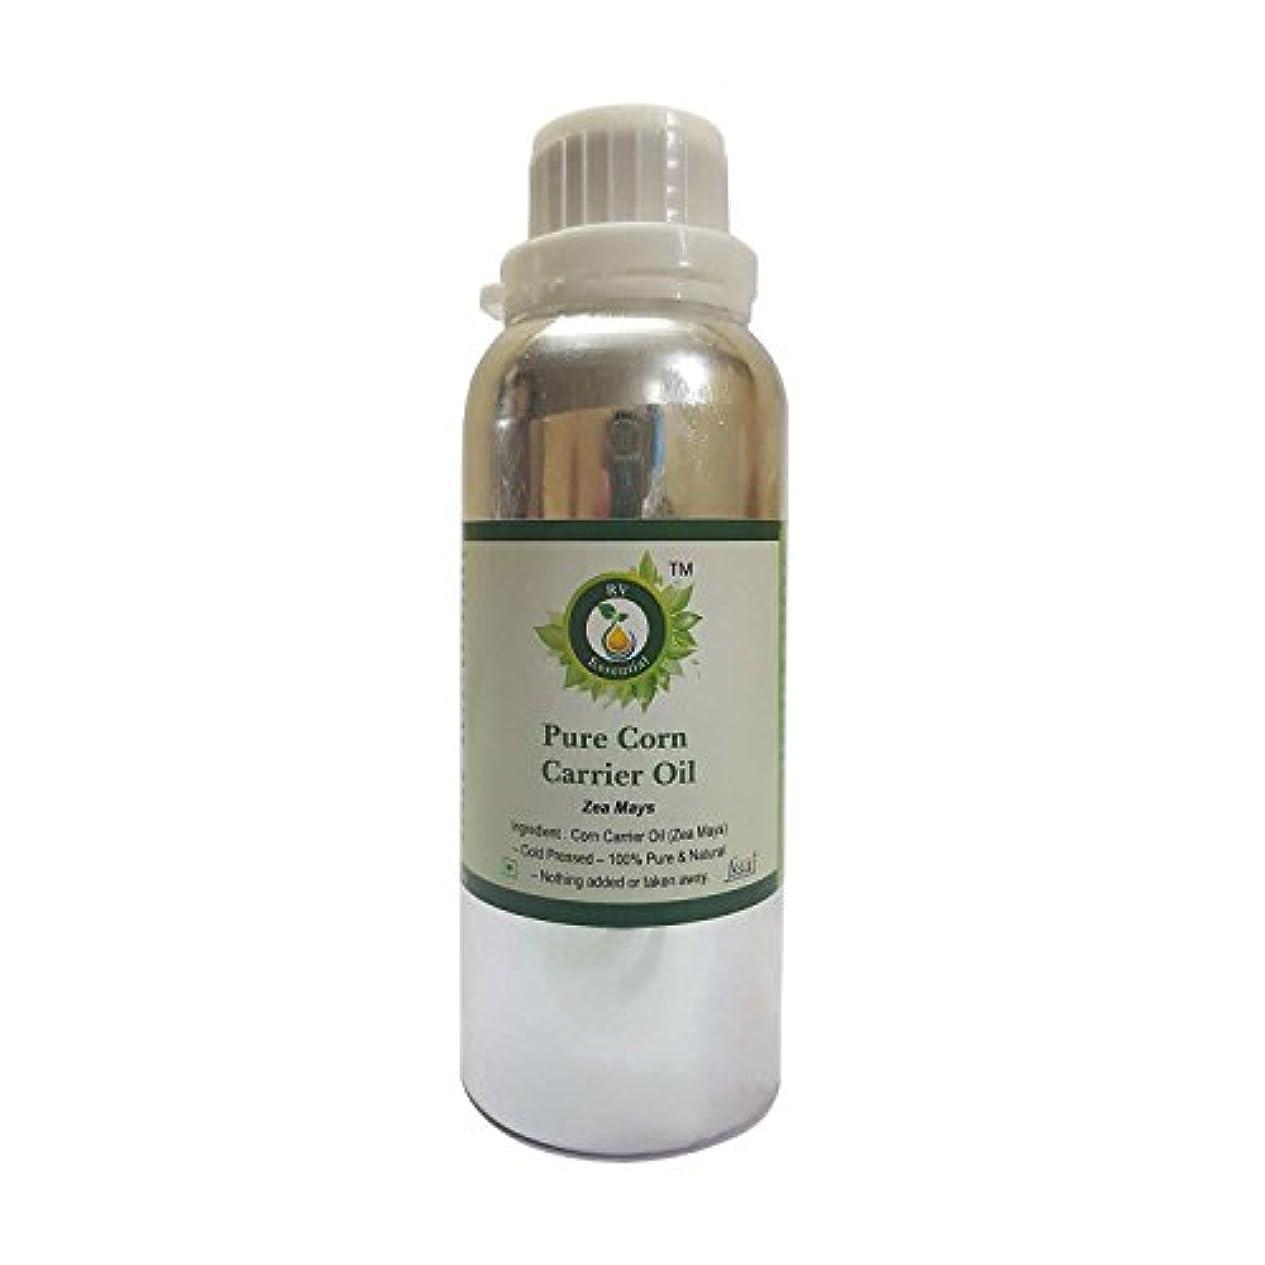 クローゼットキャンプ熱狂的なR V Essential ピュアCornキャリアオイル1250ml (42oz)- Zea Mays (100%ピュア&ナチュラルコールドPressed) Pure Corn Carrier Oil